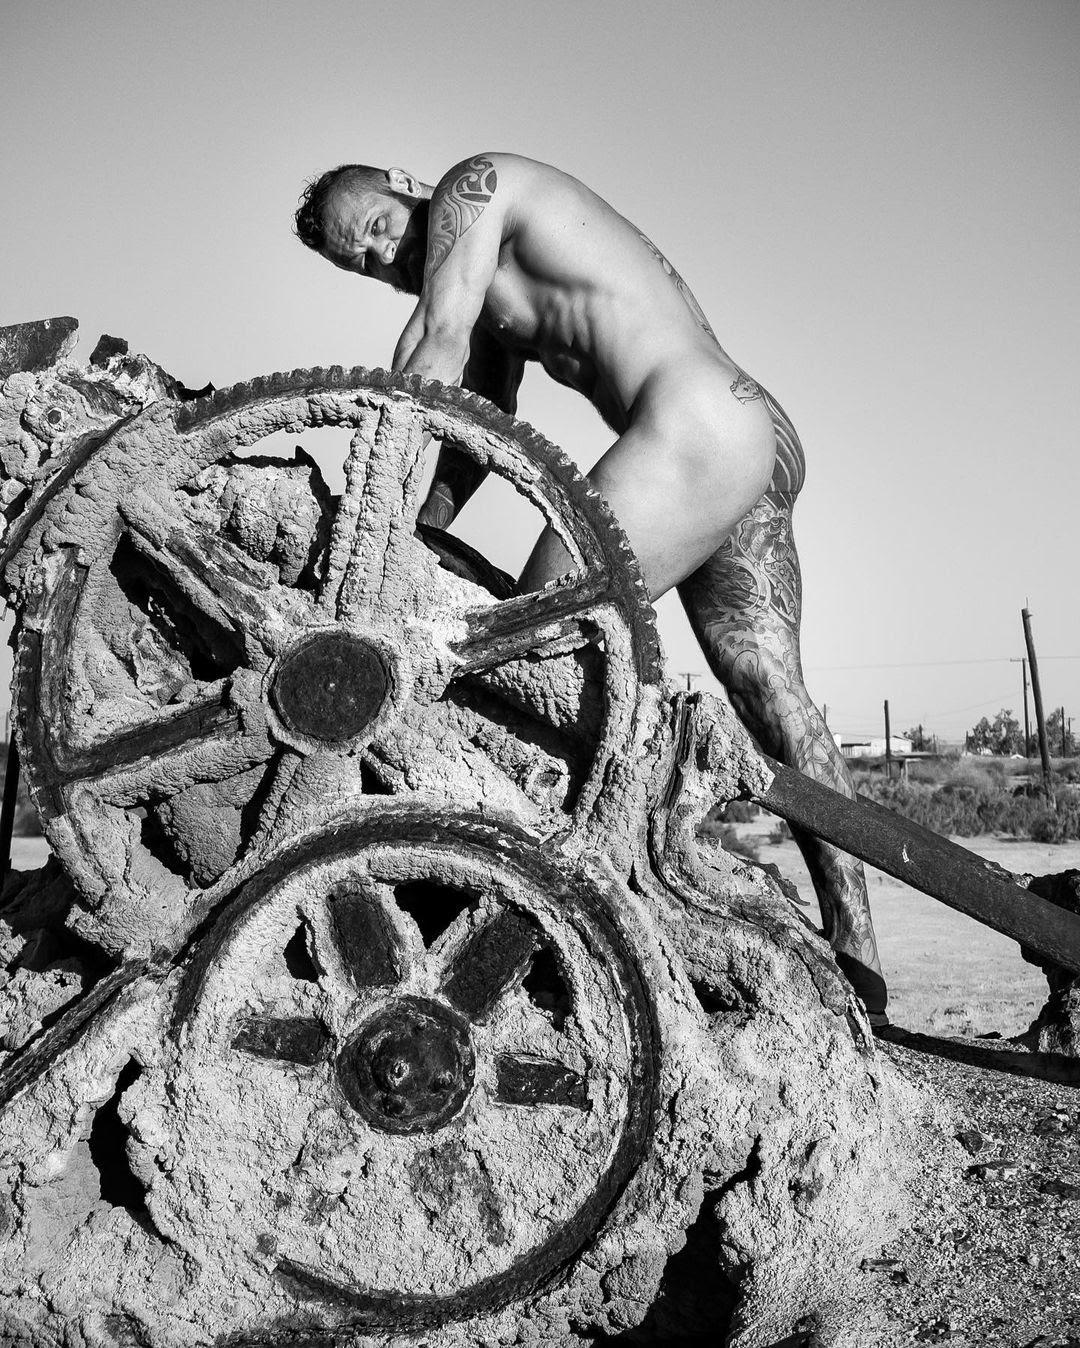 GearS, by David Gzimmerman ft TankJoey